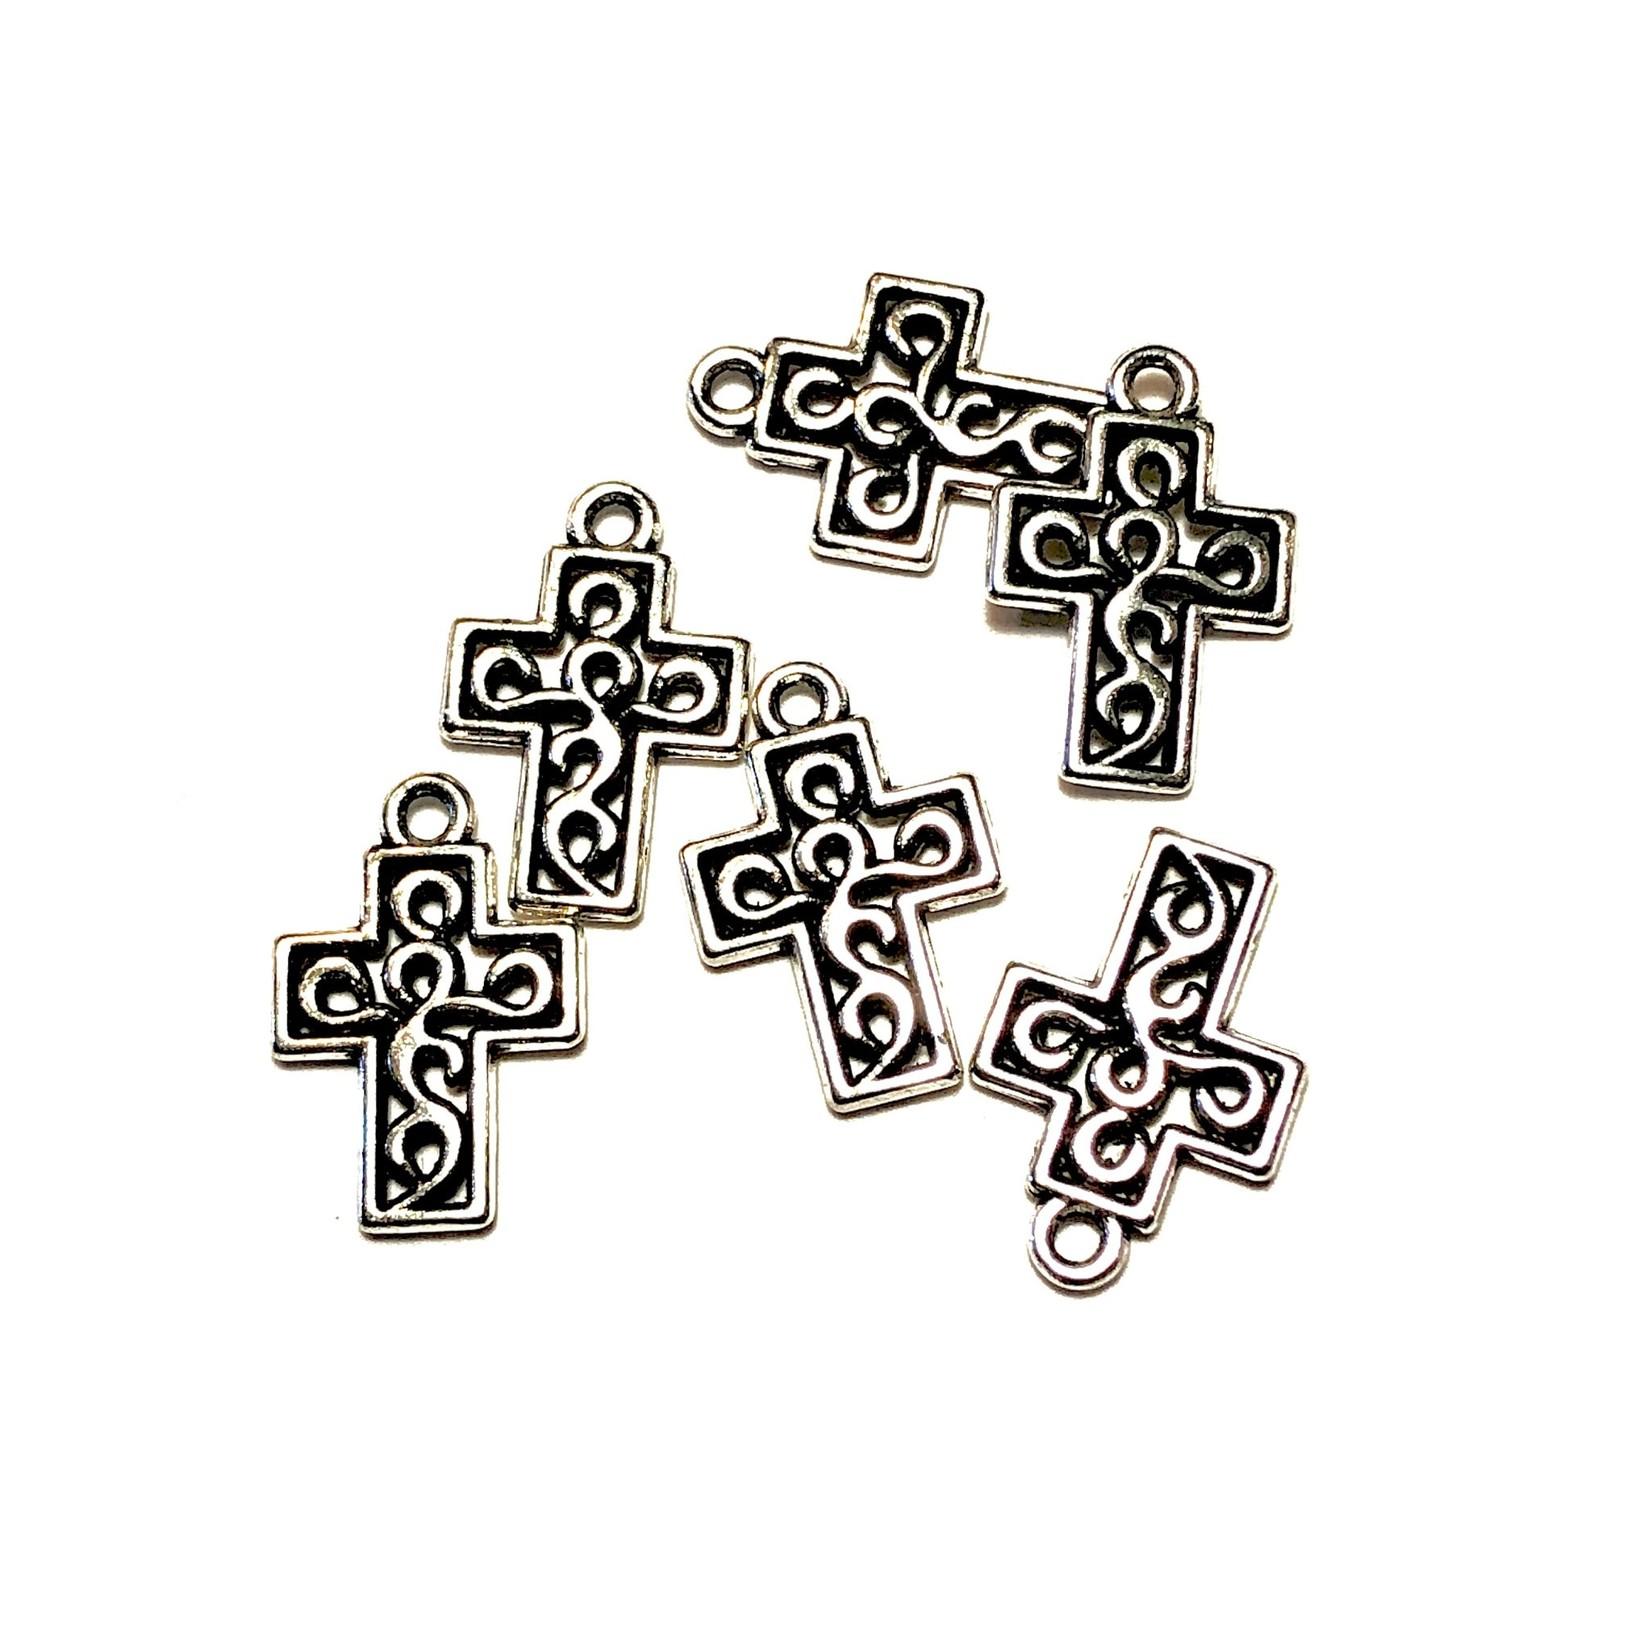 Antique Silver Alloy 18mm Decorative Cross Charm  15pcs